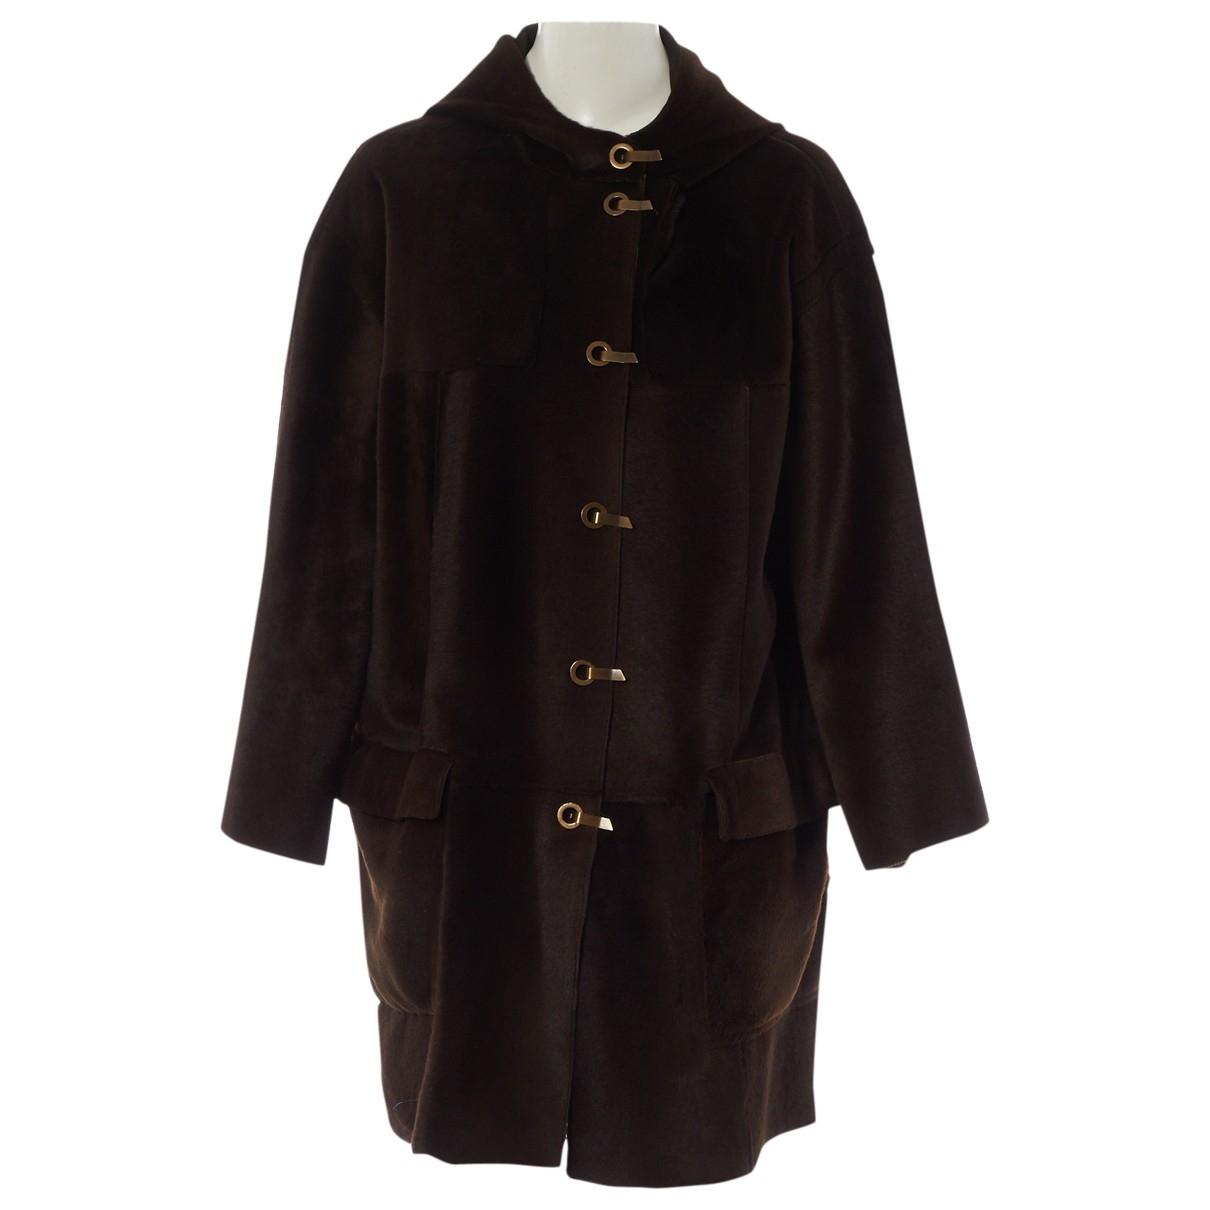 Lanvin - Manteau   pour femme en mouton - marron